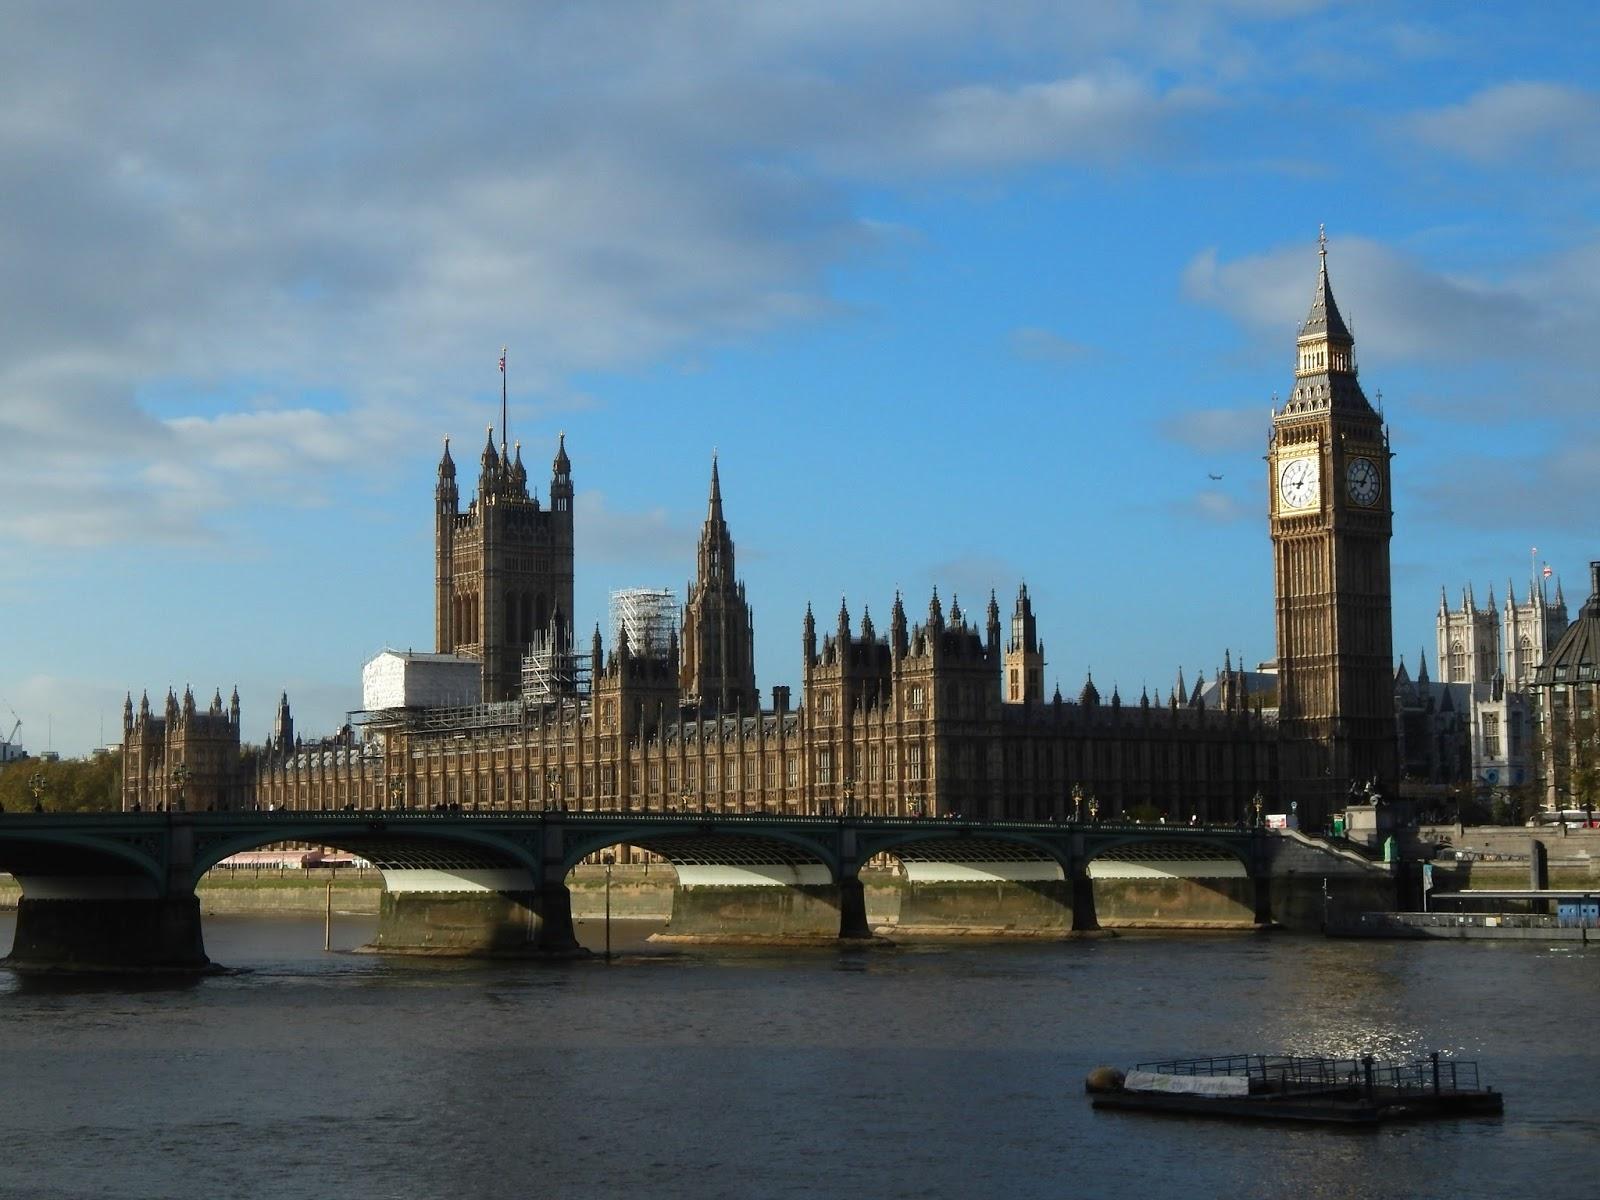 Westminsterský palác a most Londýn